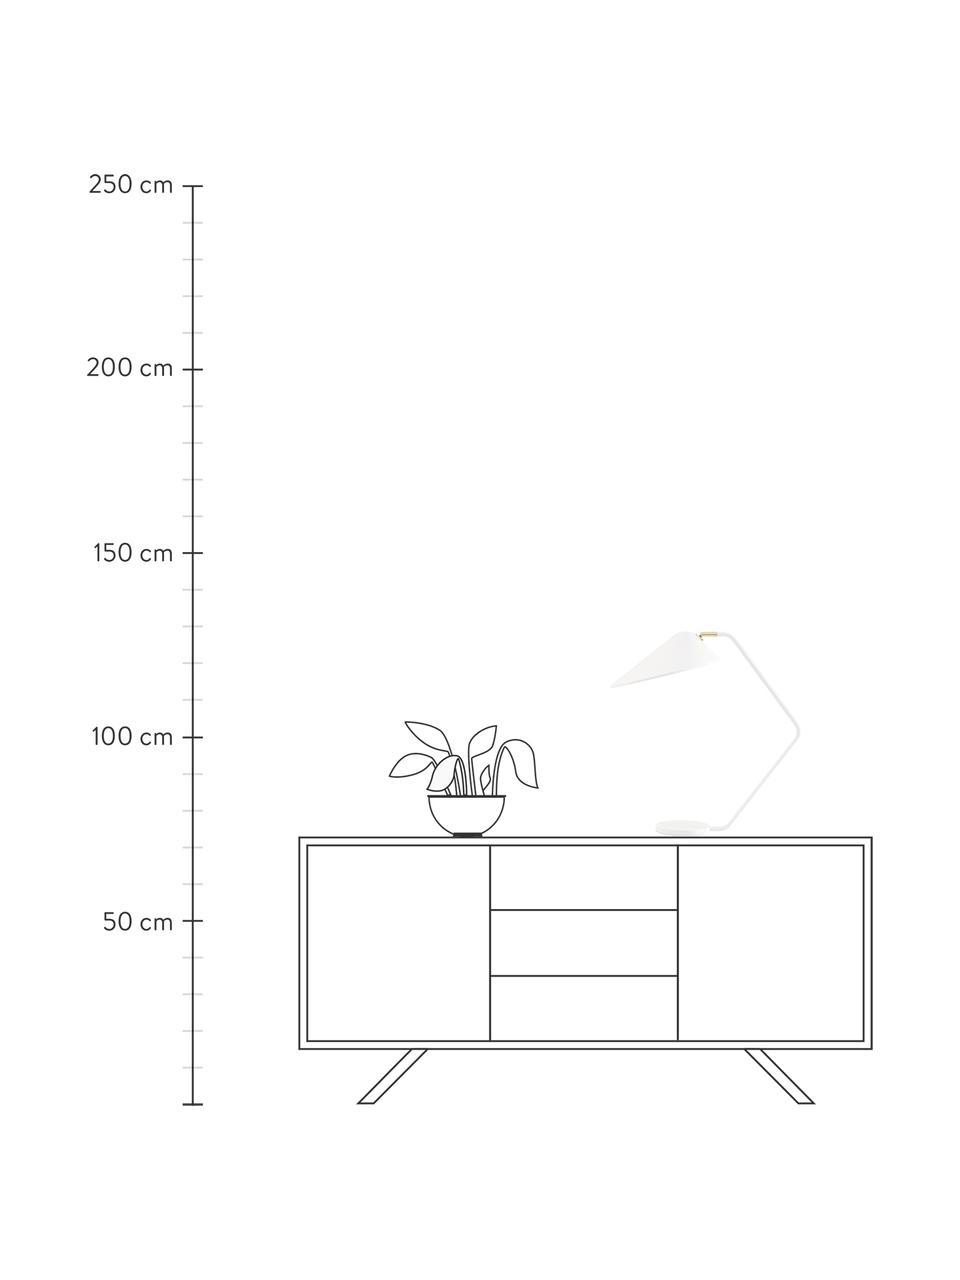 Große Schreibtischlampe Neron mit Gold-Dekor in Weiß, Lampenschirm: Metall, pulverbeschichtet, Lampenfuß: Metall, pulverbeschichtet, Dekor: Metall, vermessingt, Weiß, T 57 x H 56 cm